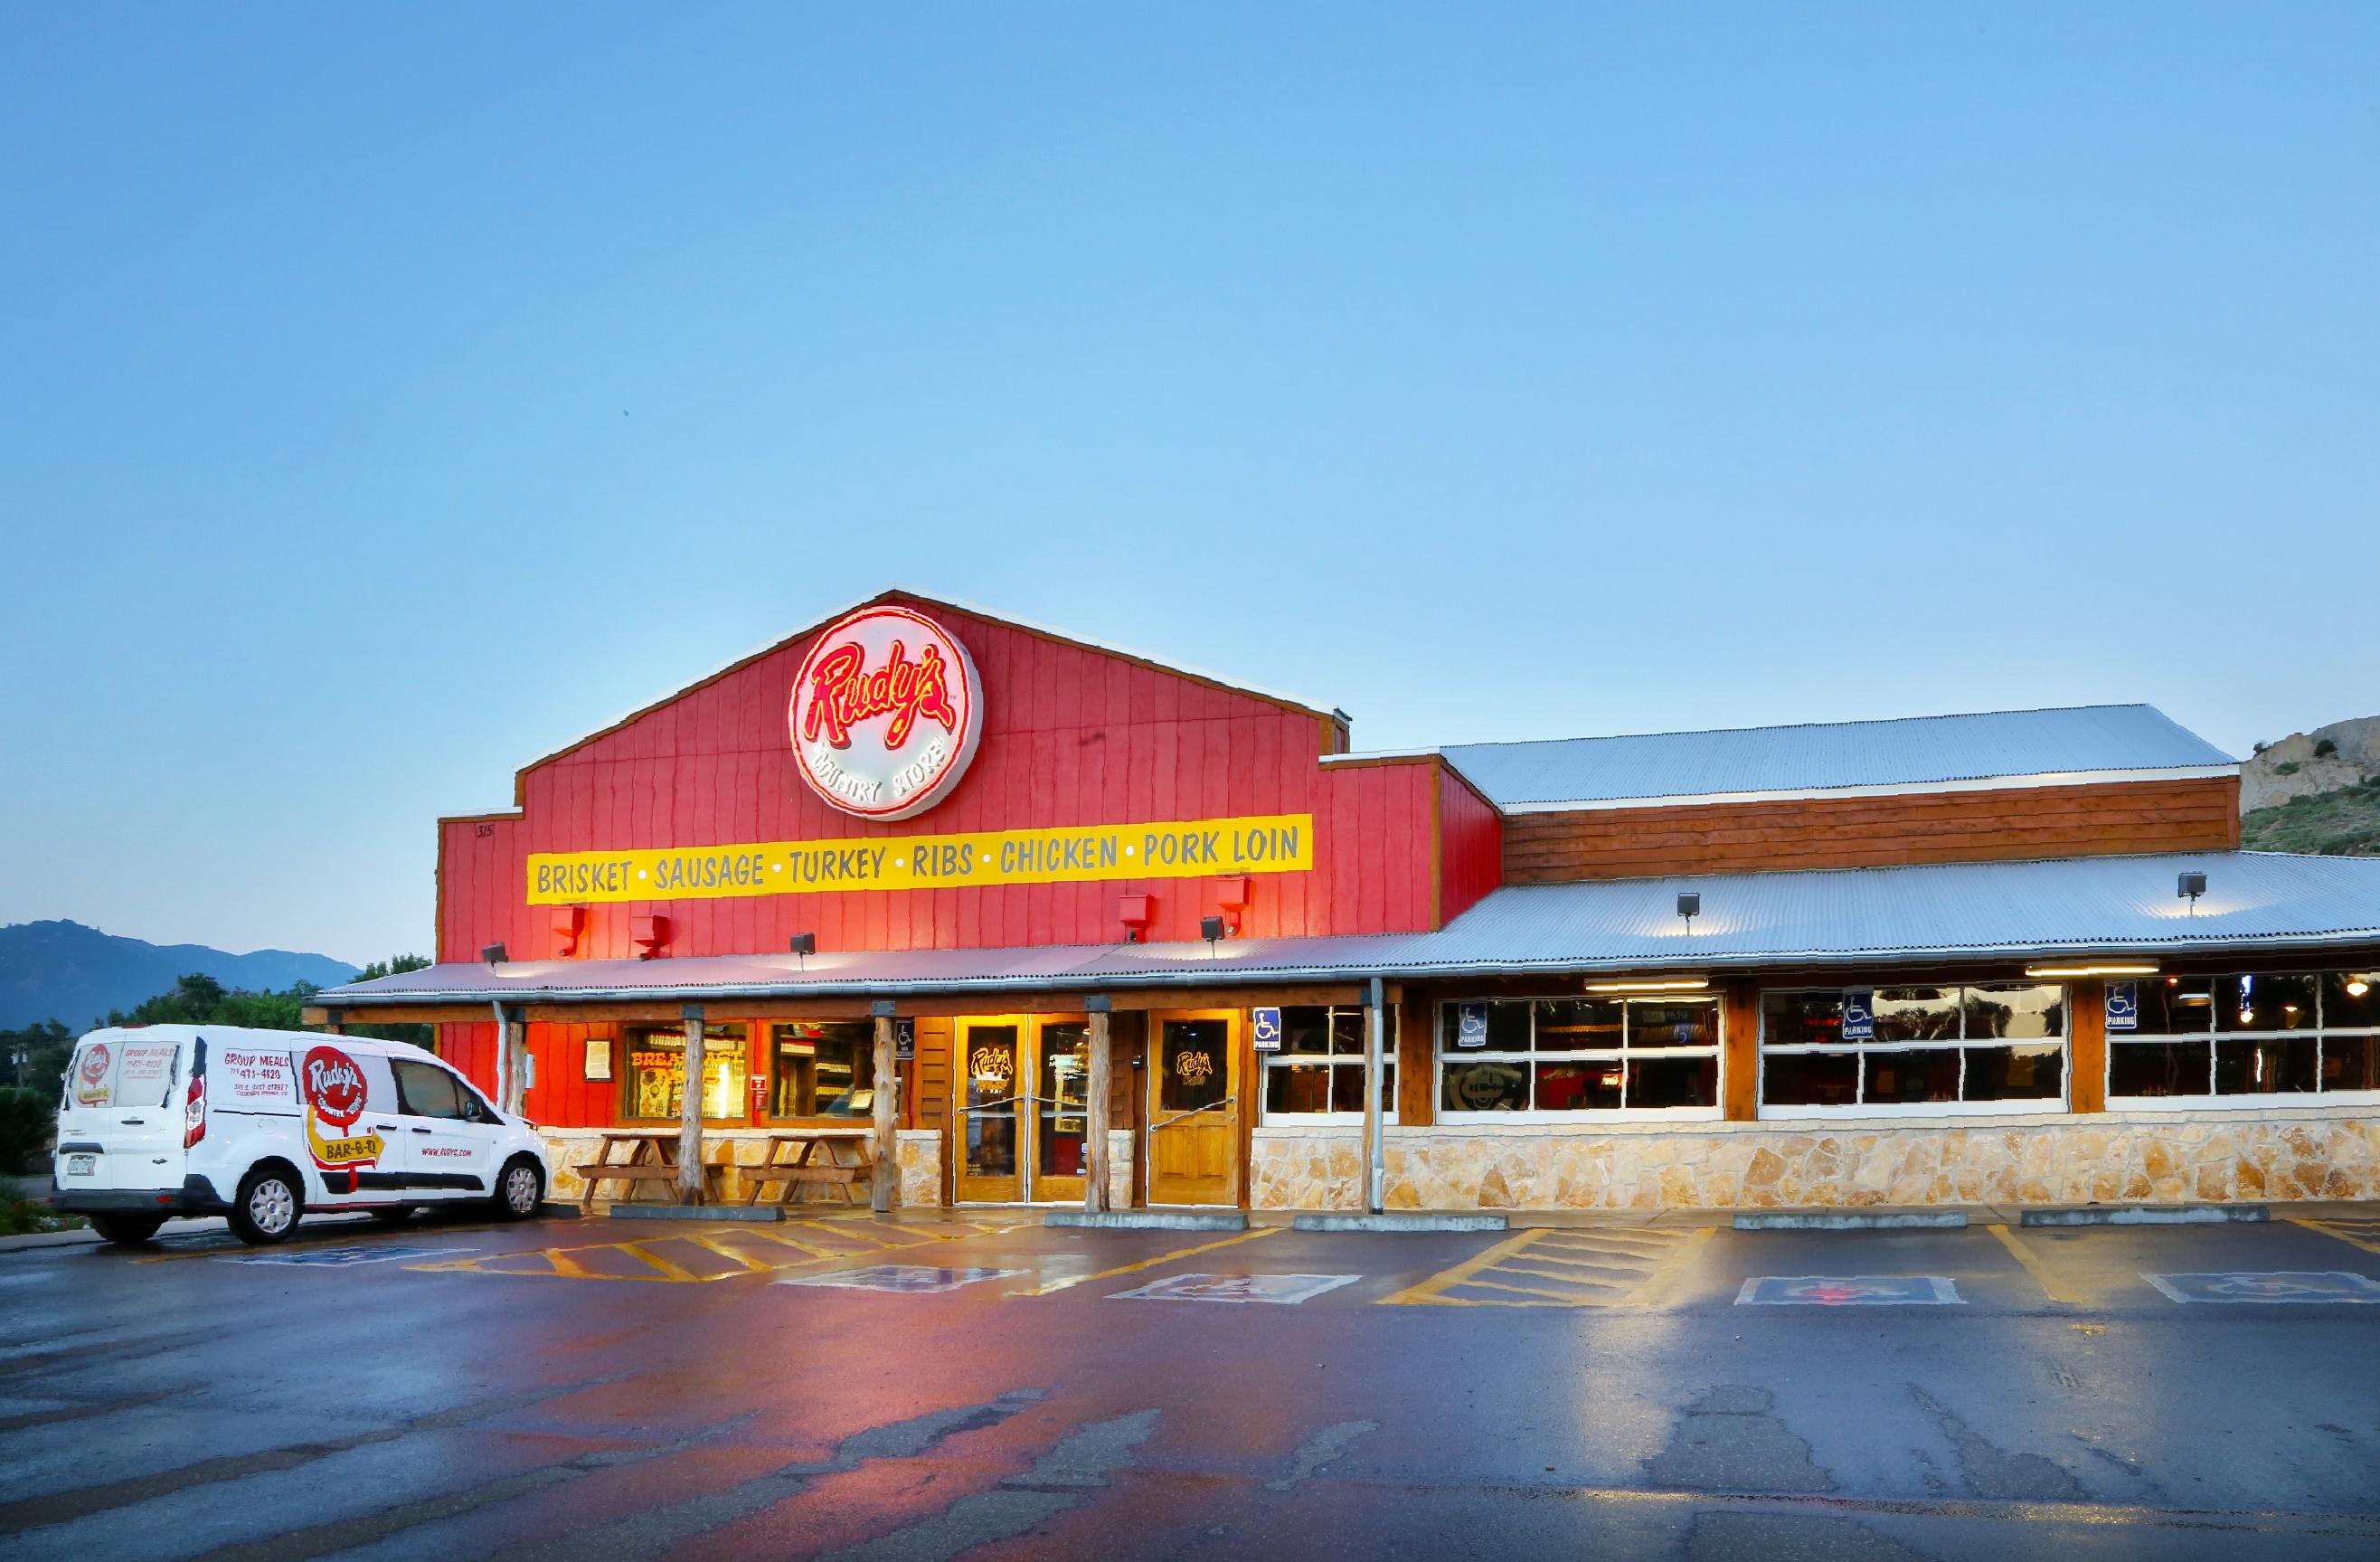 Rudy's BBQ Colorado Springs